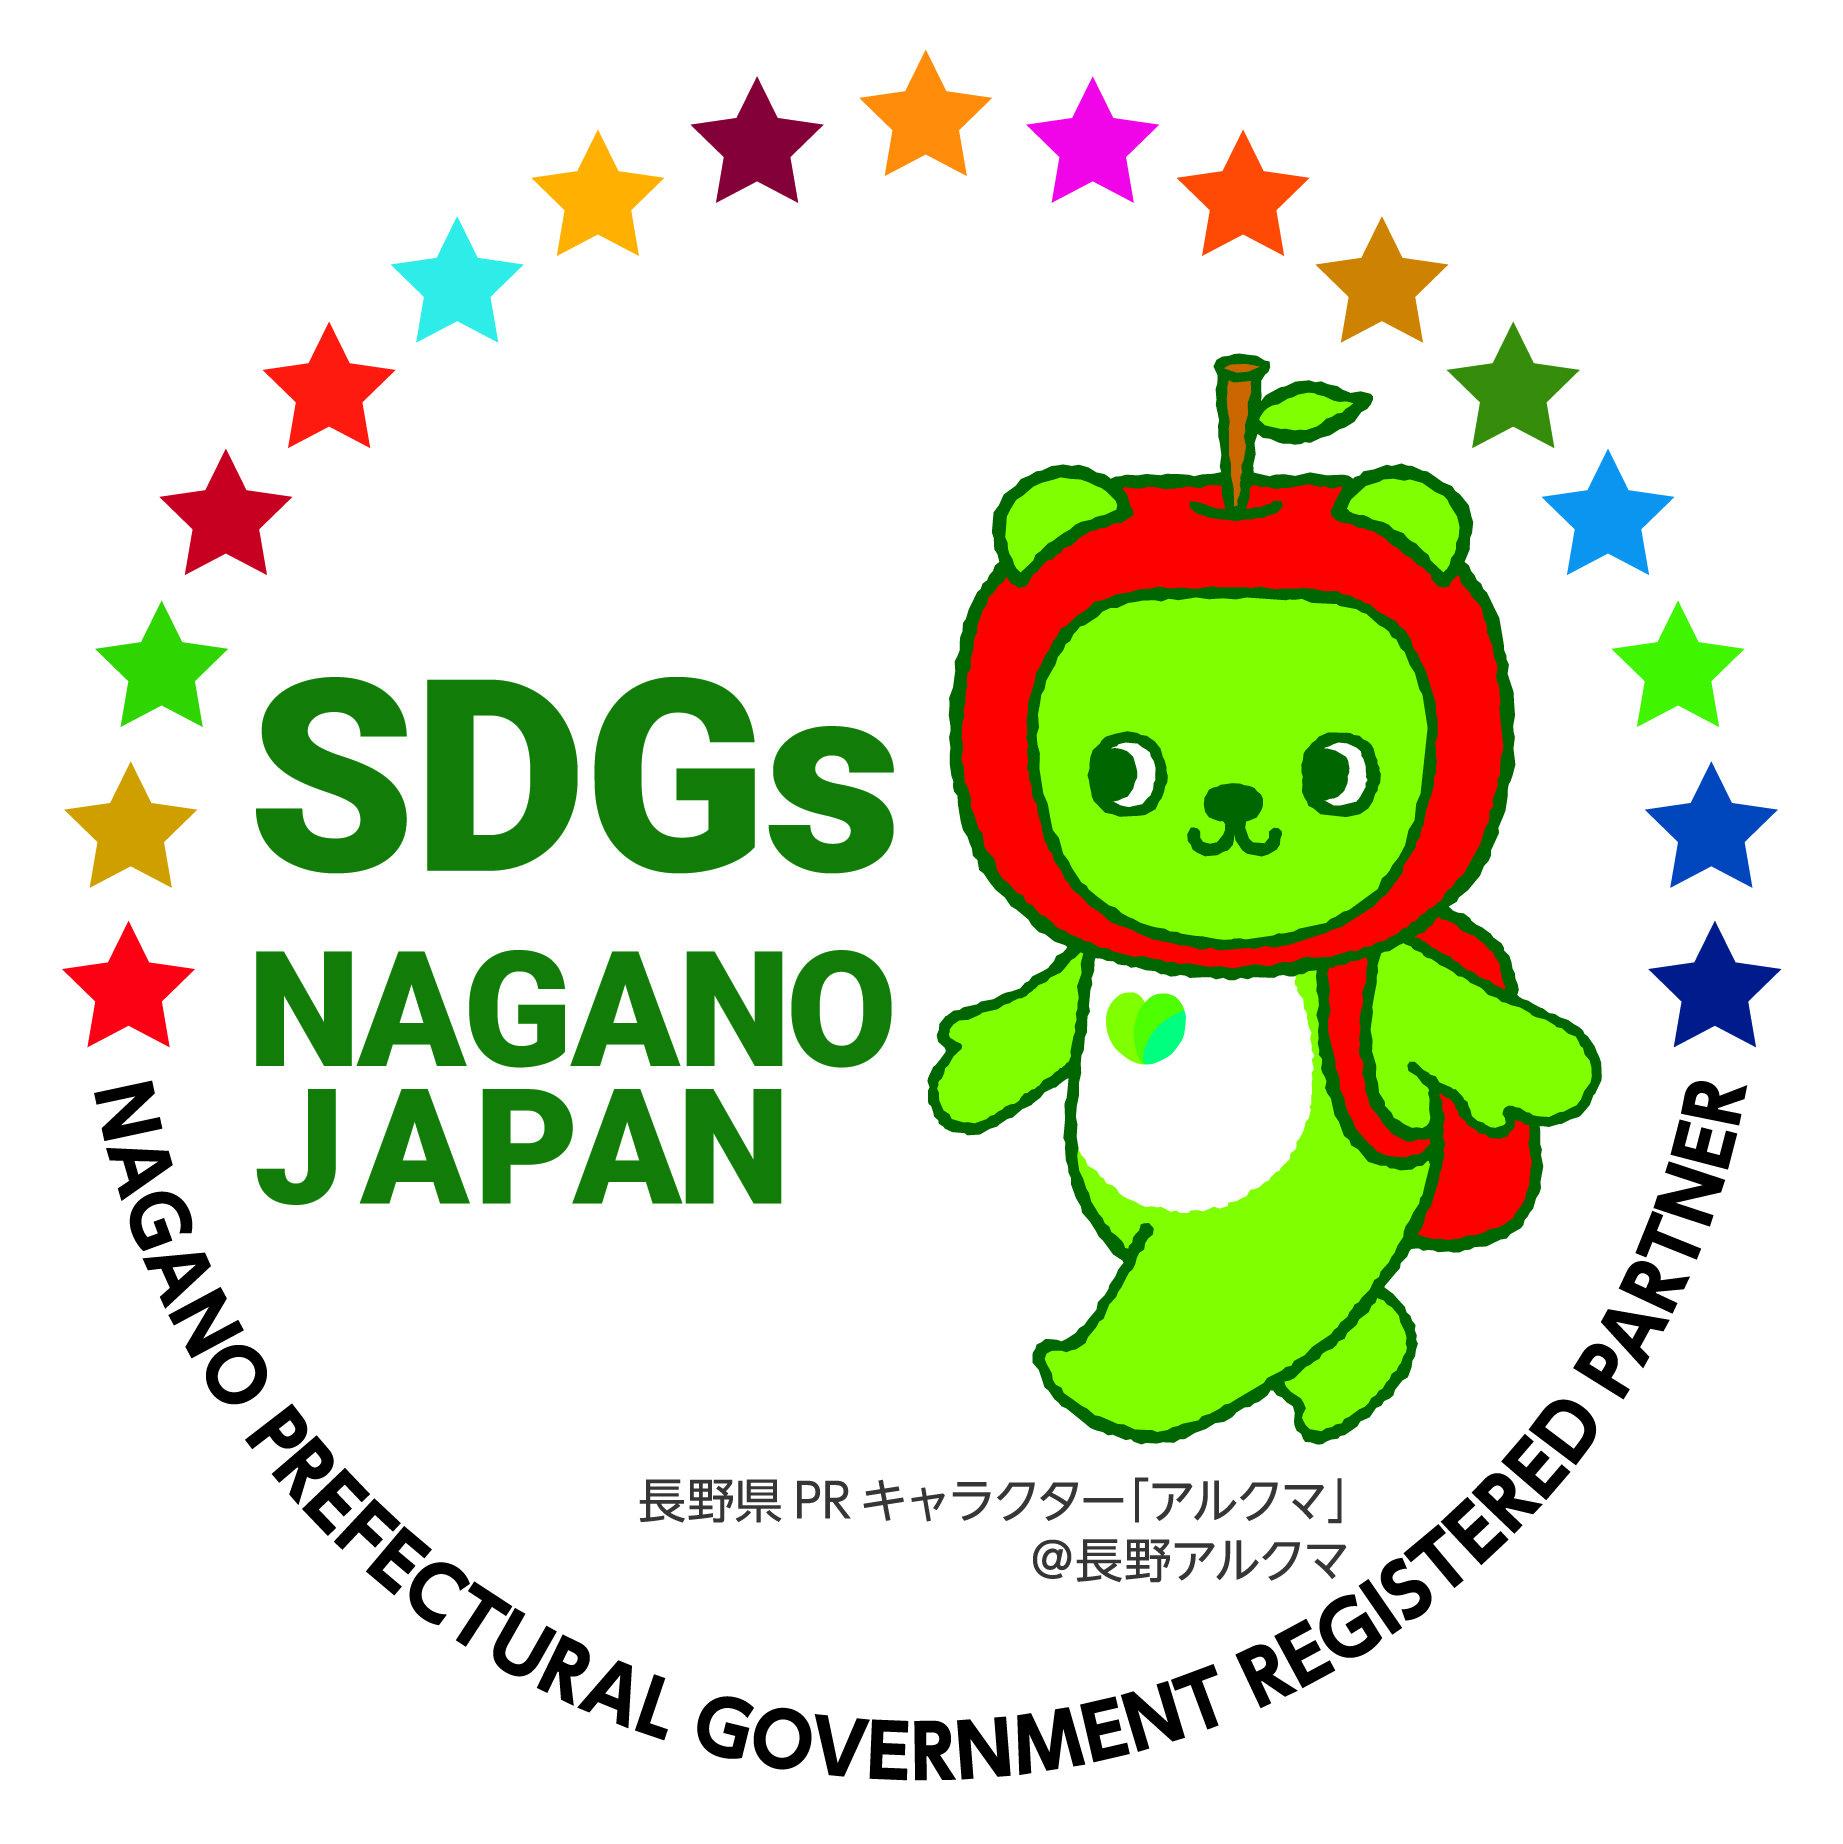 コープながのは「長野県 SDGs 推進企業登録制度」に登録しています